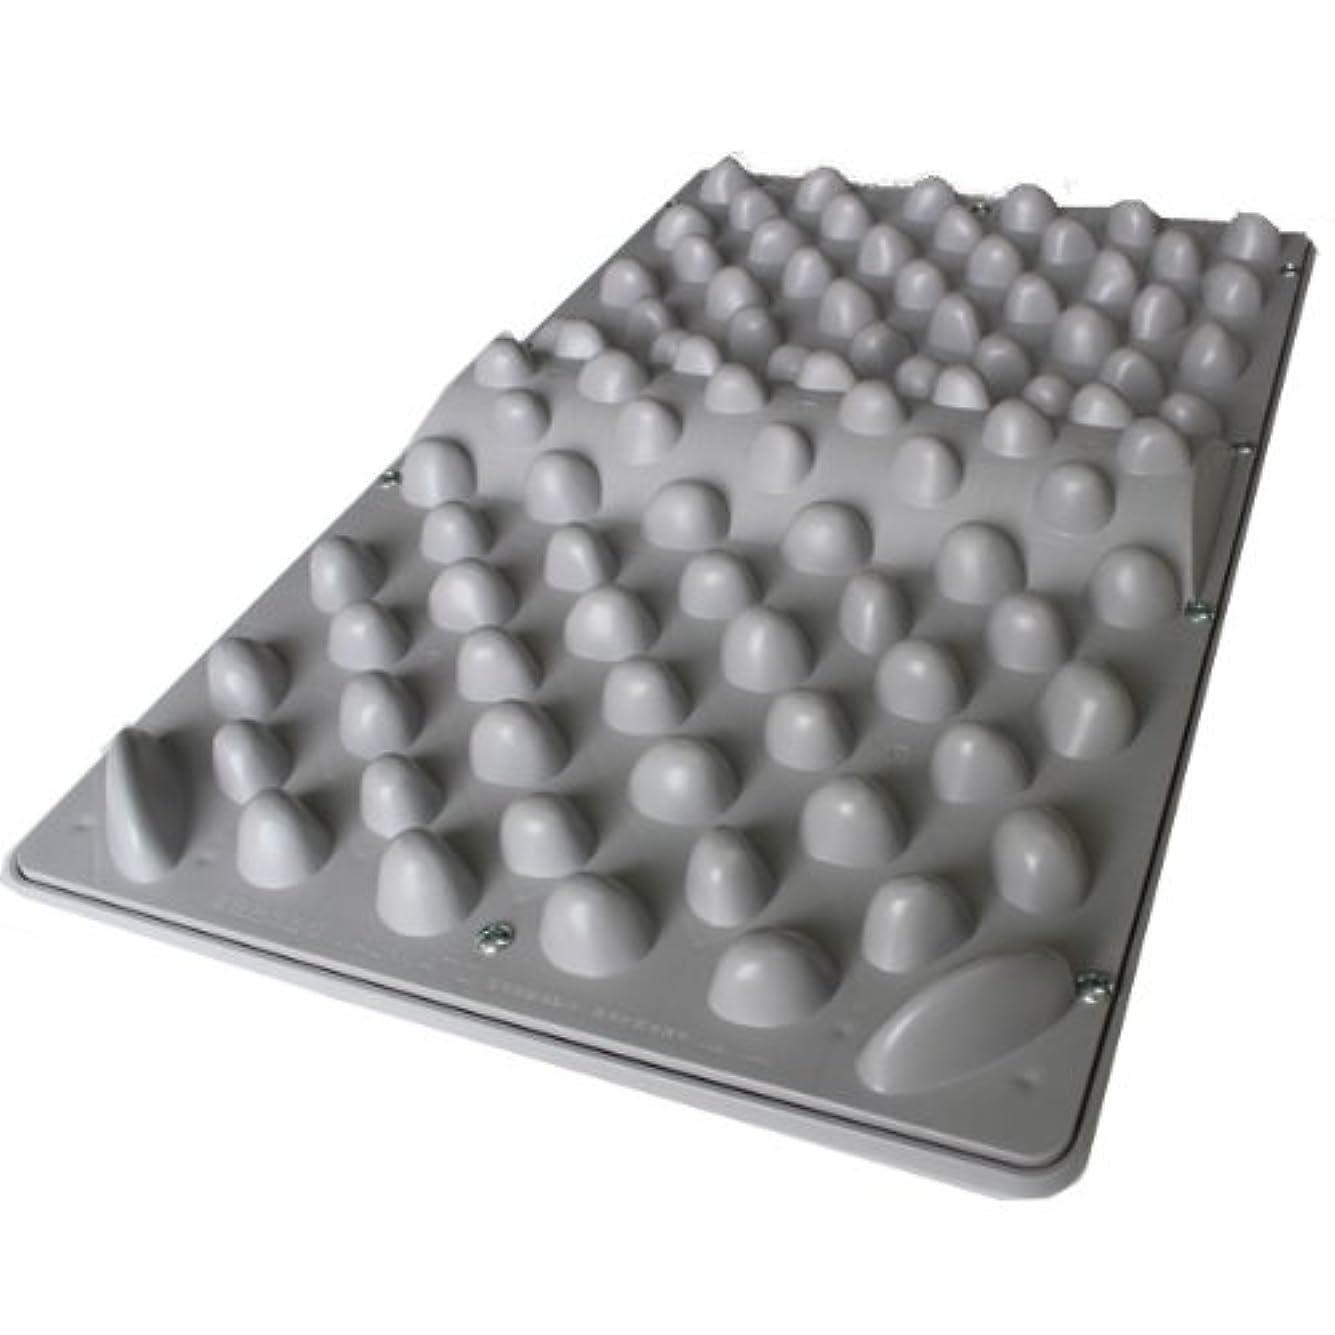 傾斜相互接続頻繁に官足法 ウォークマットⅡ 裏板セット(ABS樹脂製補強板付き)